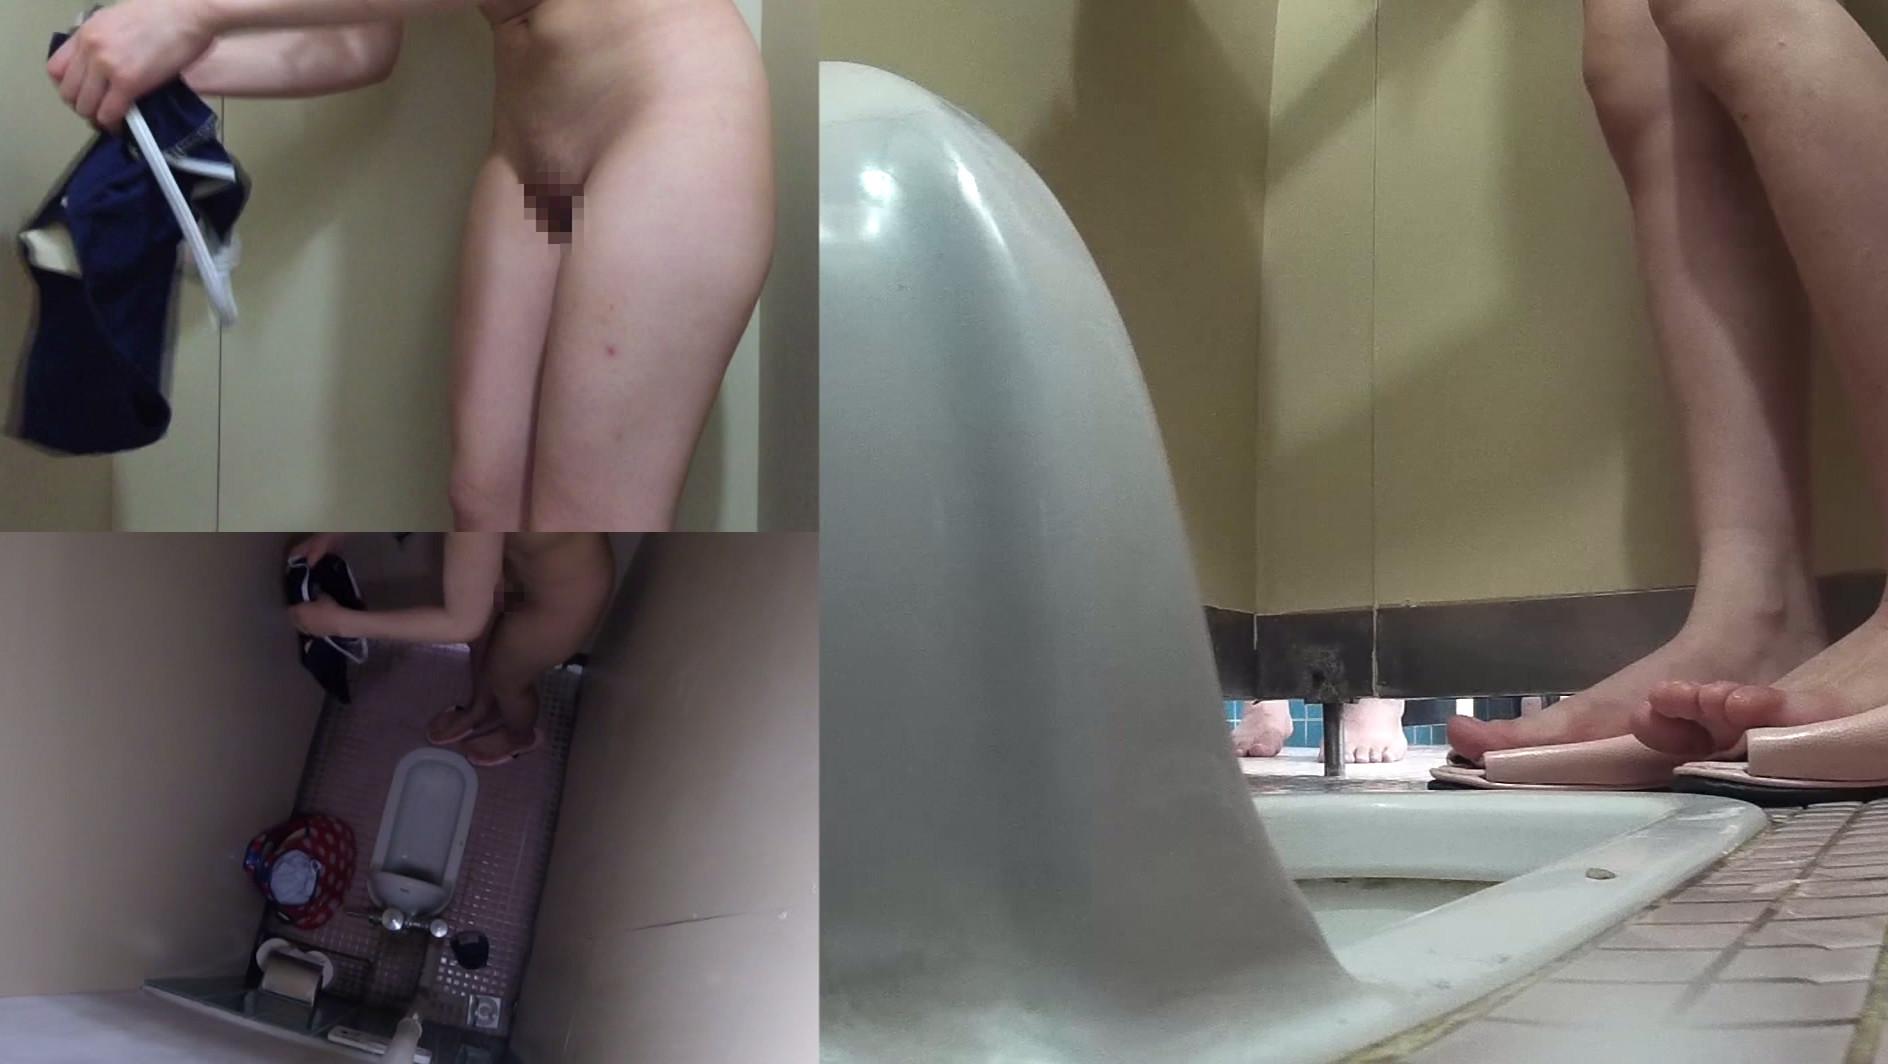 盗撮 トイレ 学校 無料サンプル画像 この動画のサンプル画像はクリックで拡大できます。